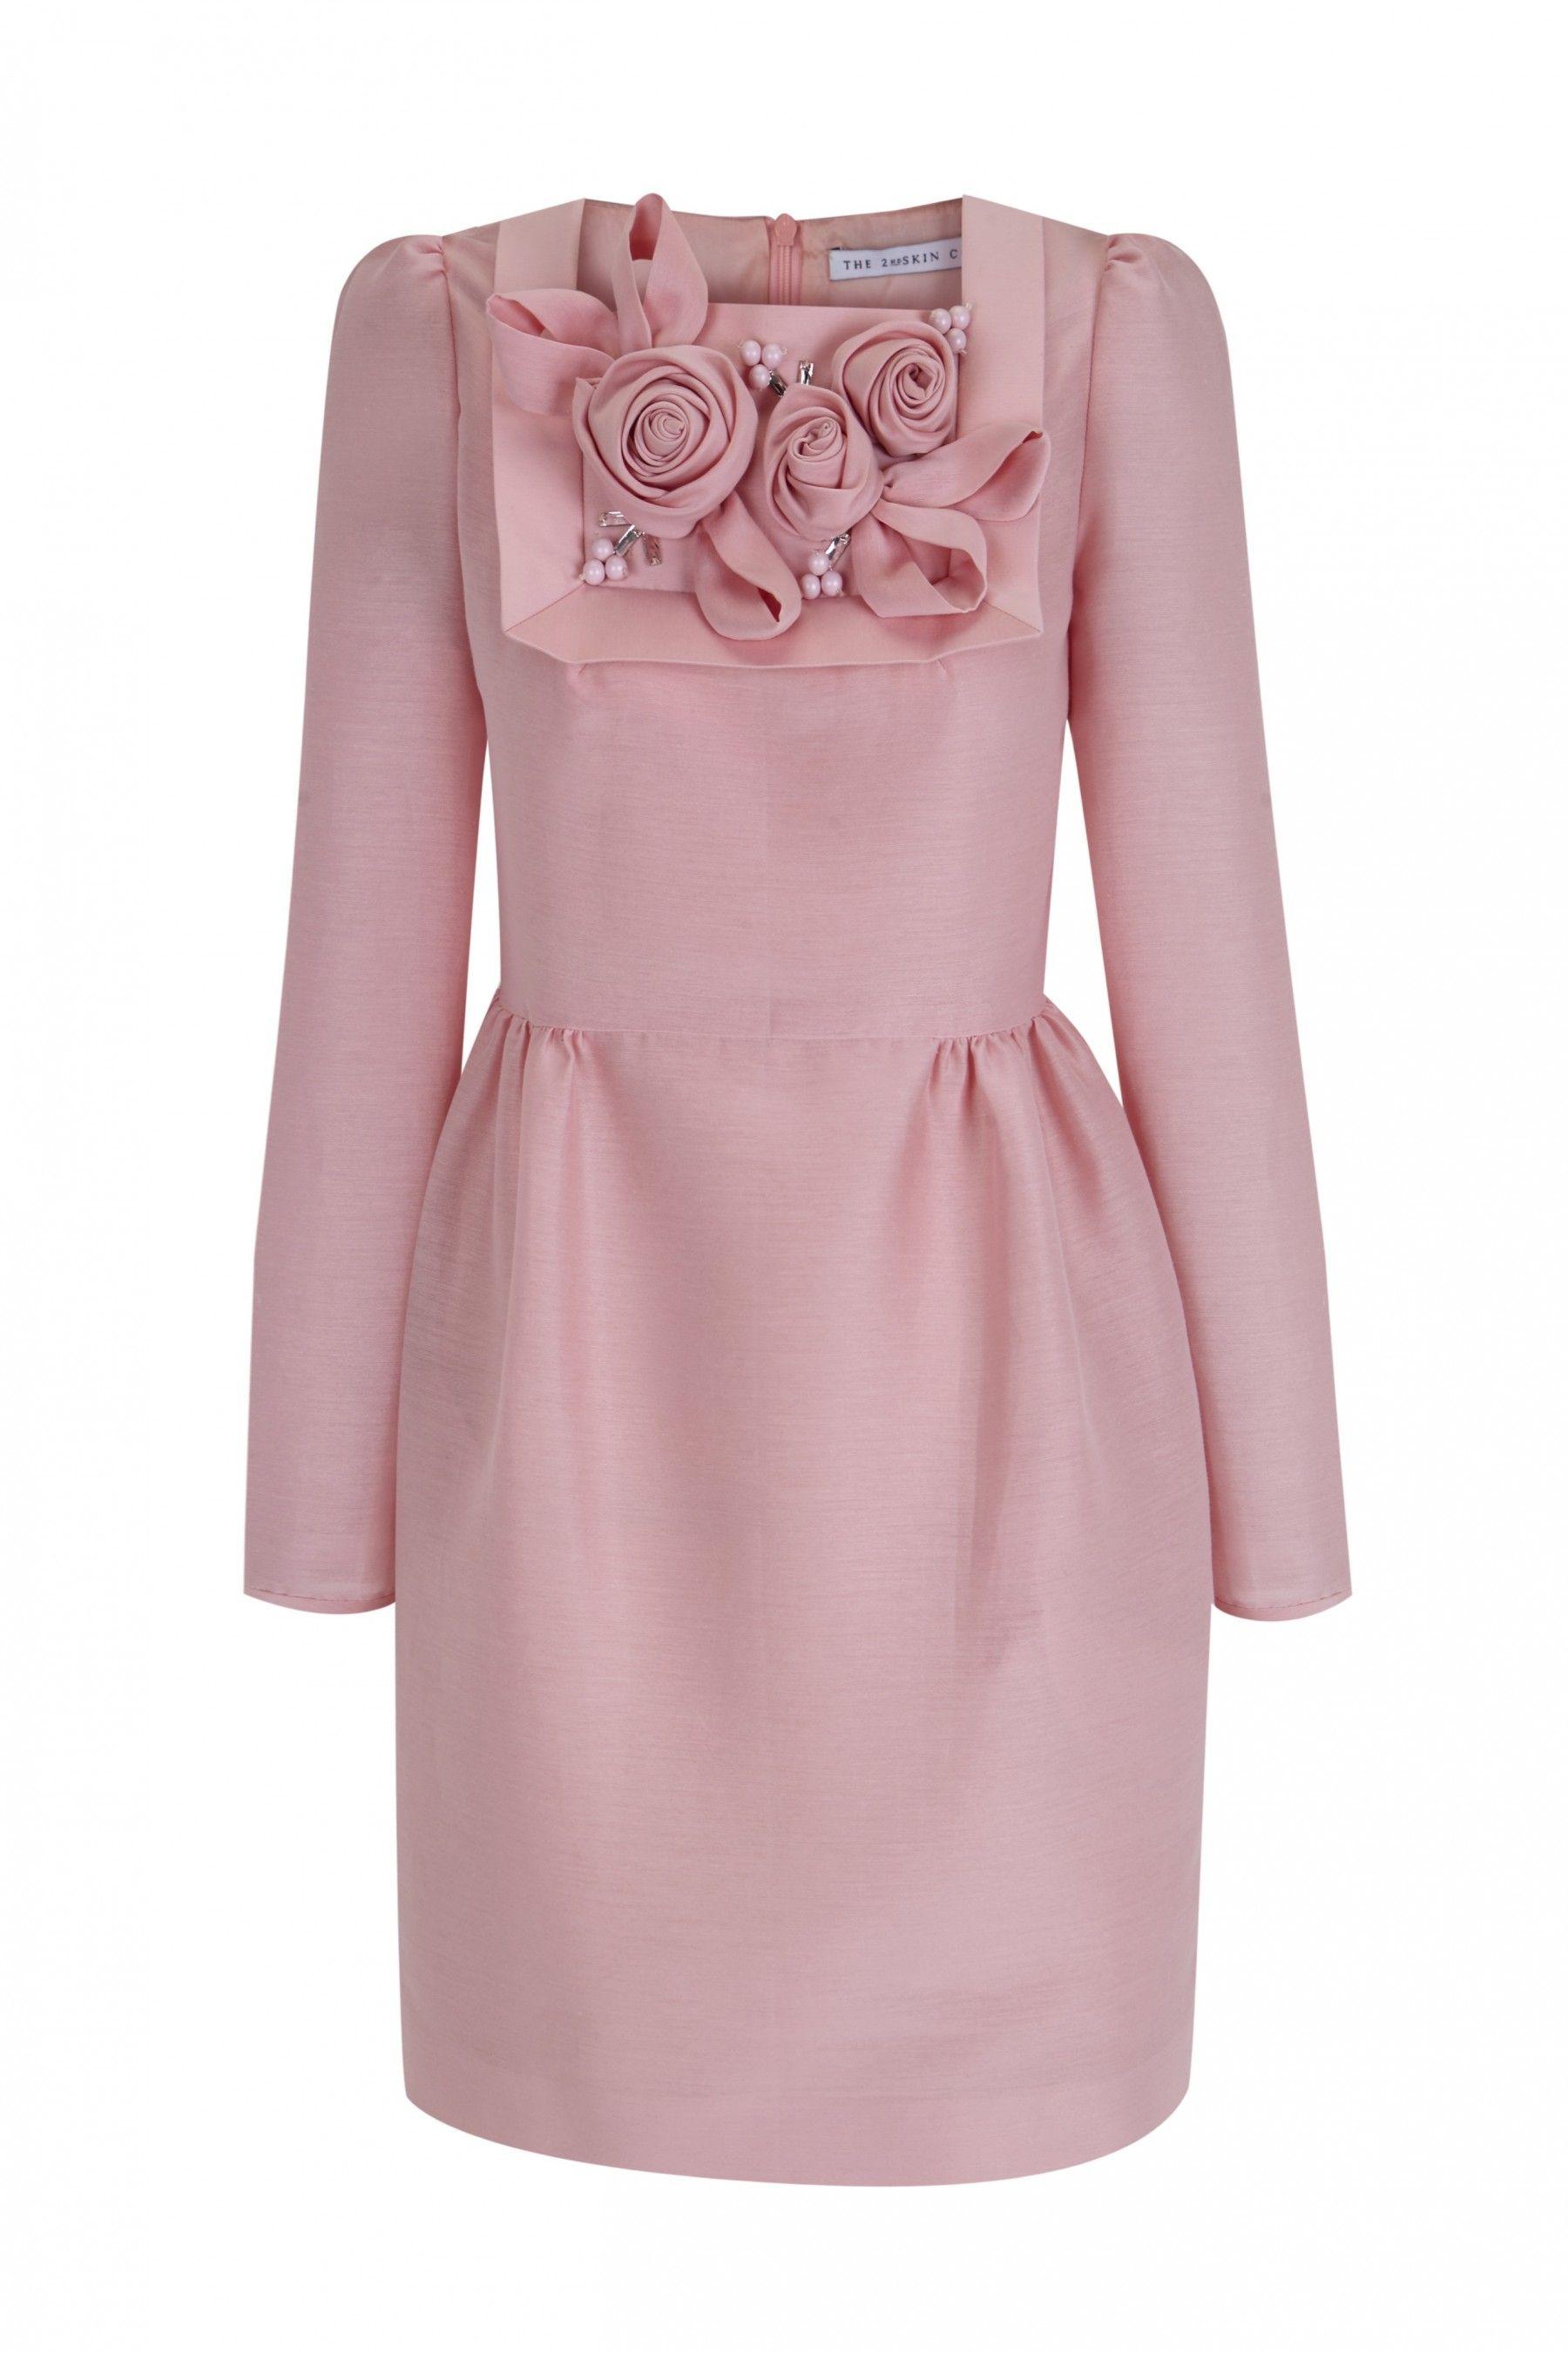 Minivestido rosa con flores y cristales | vestidos | Pinterest ...